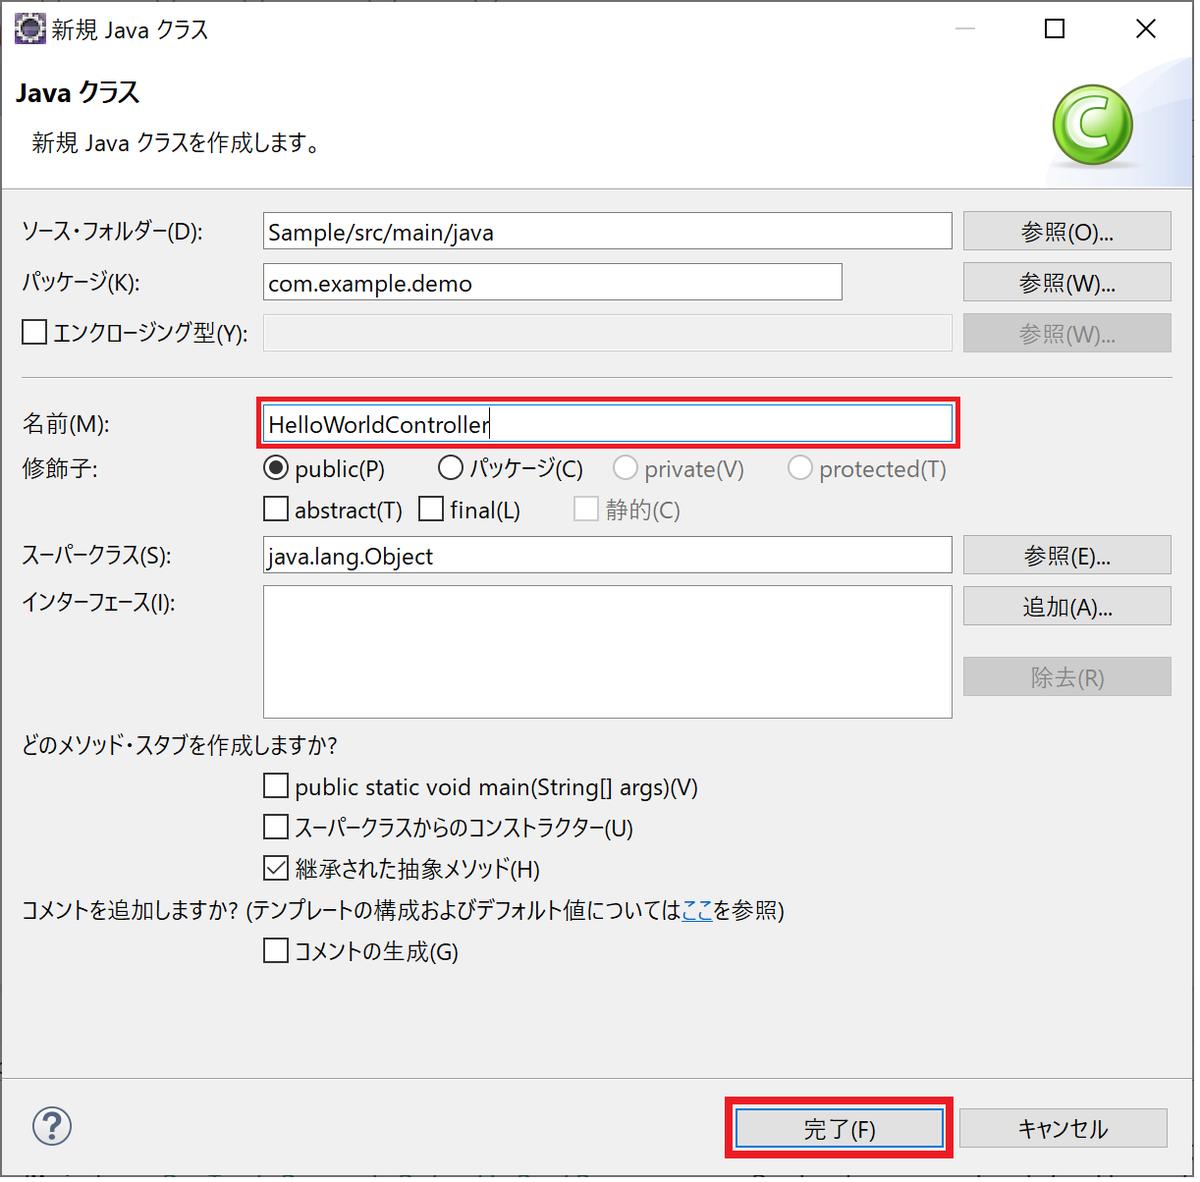 f:id:shizuuuka0202:20200227003442p:plain